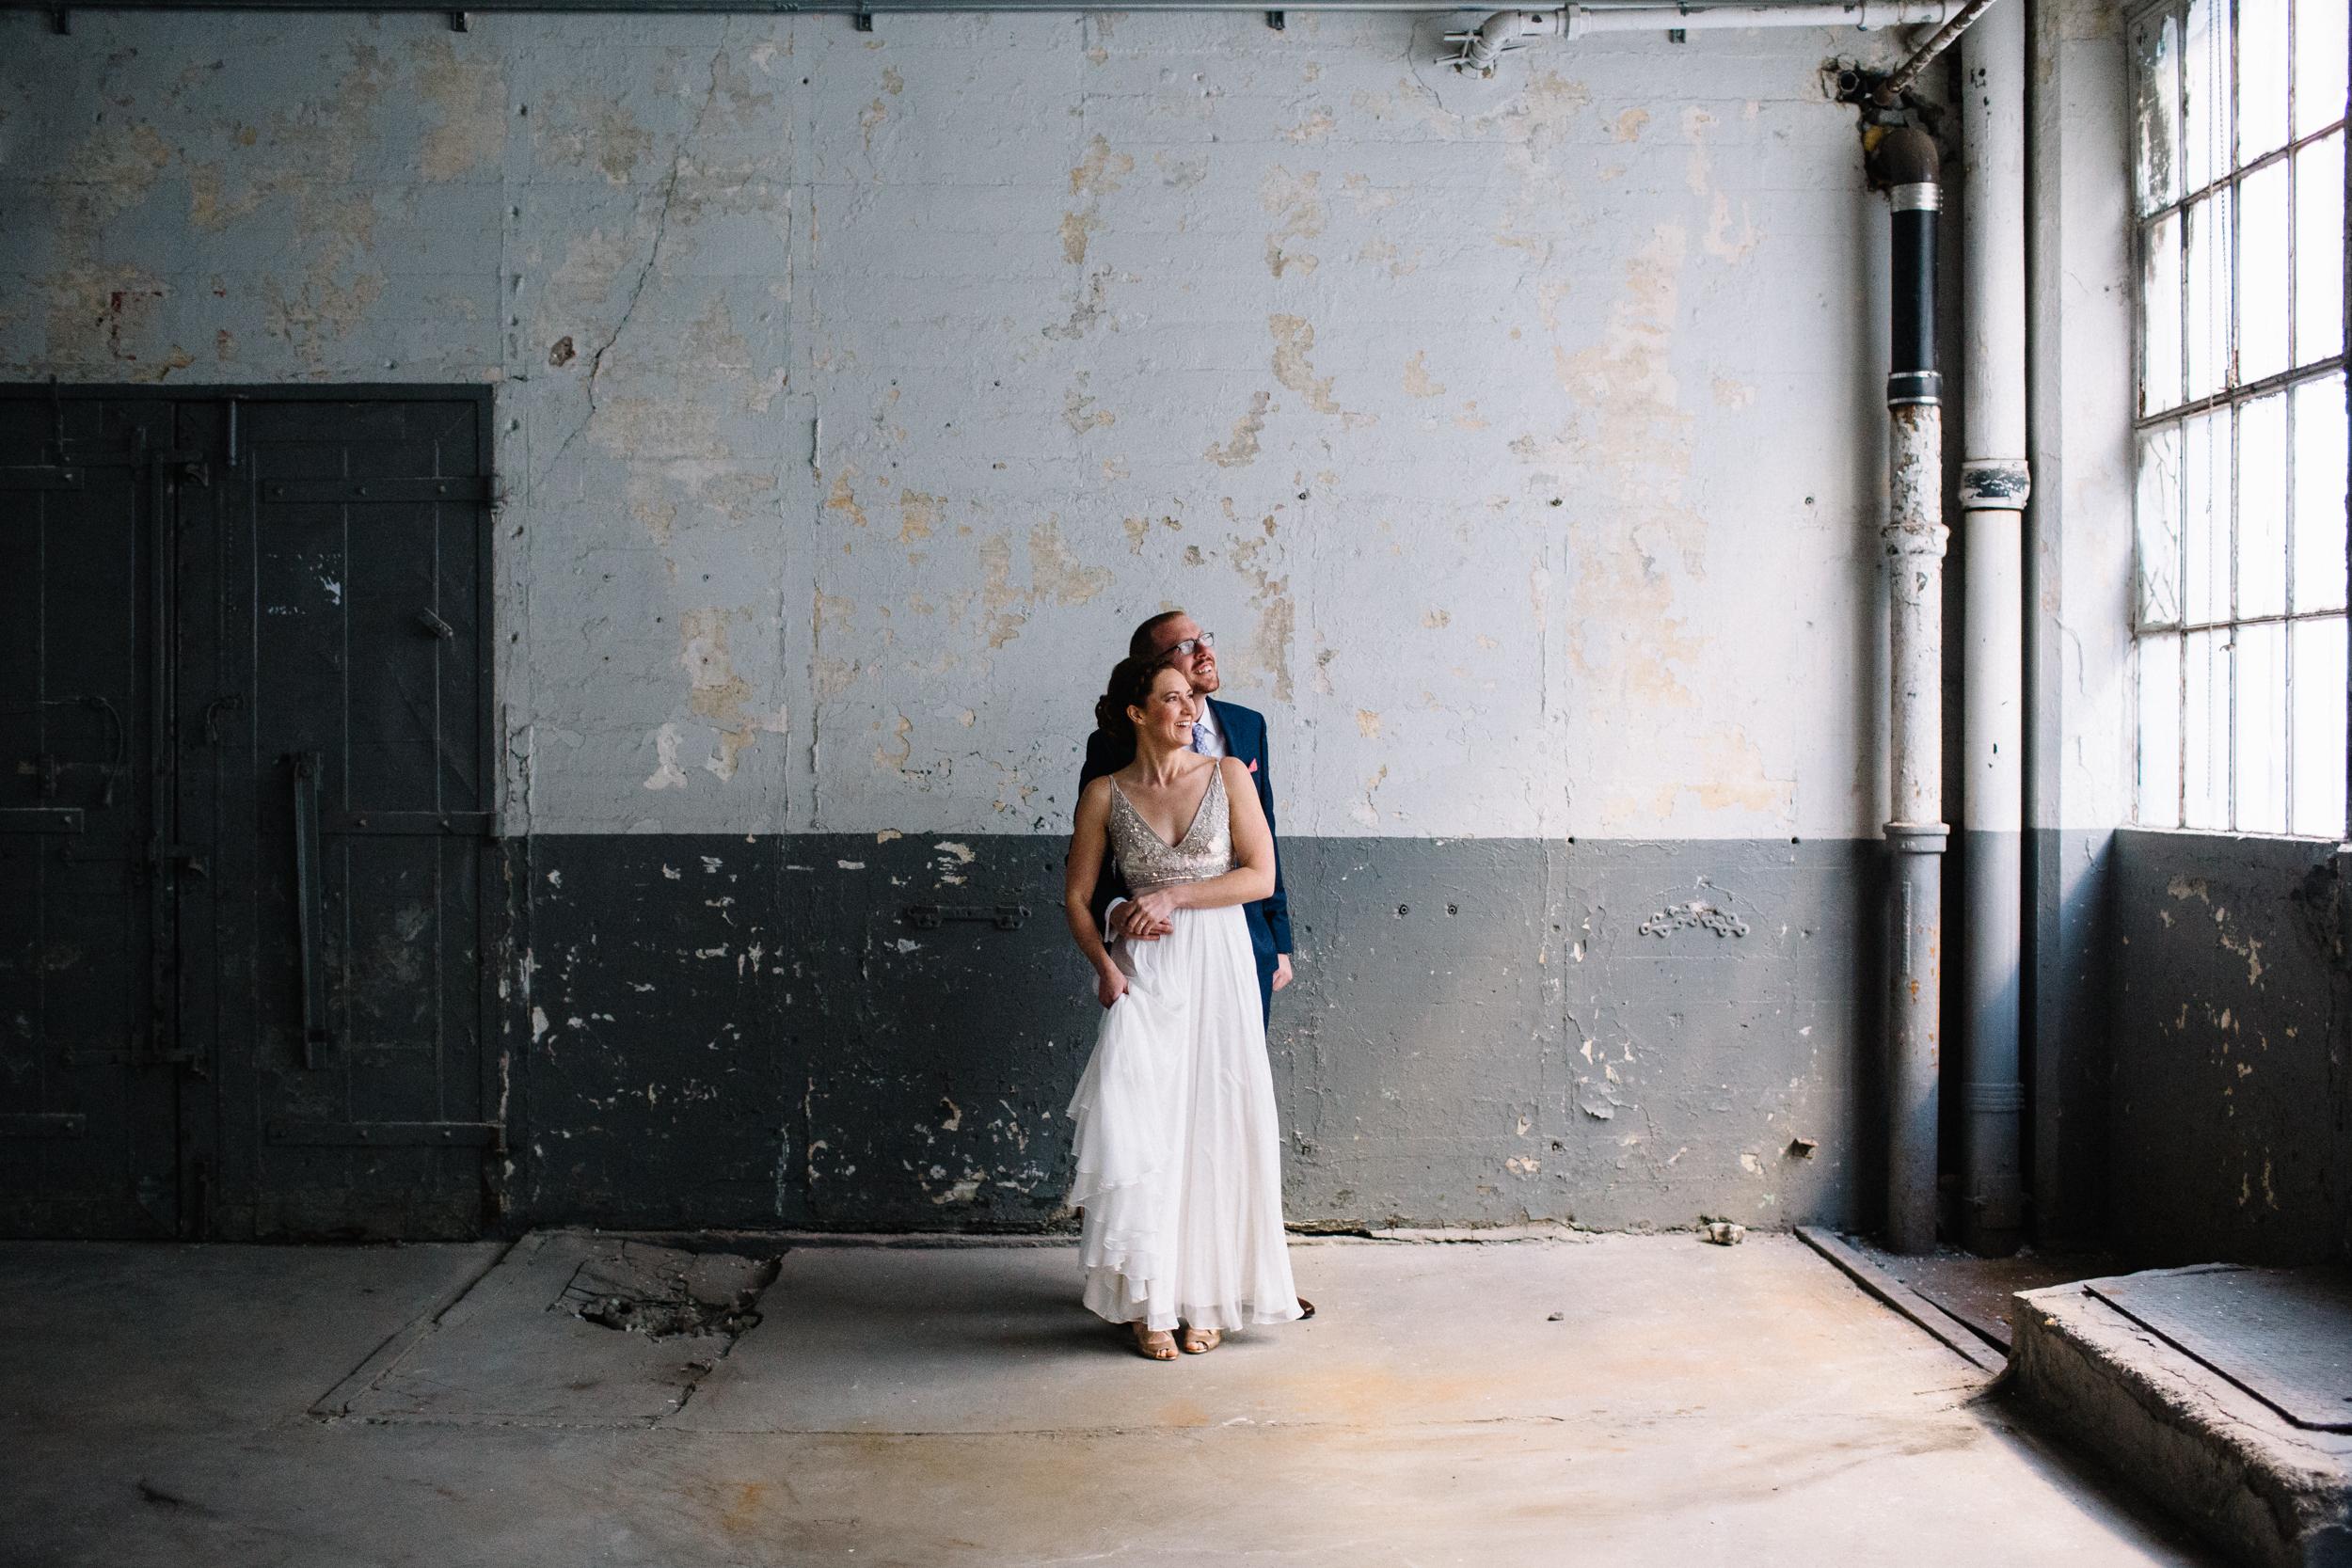 brooklynindustrialweddingphotographer-3-2